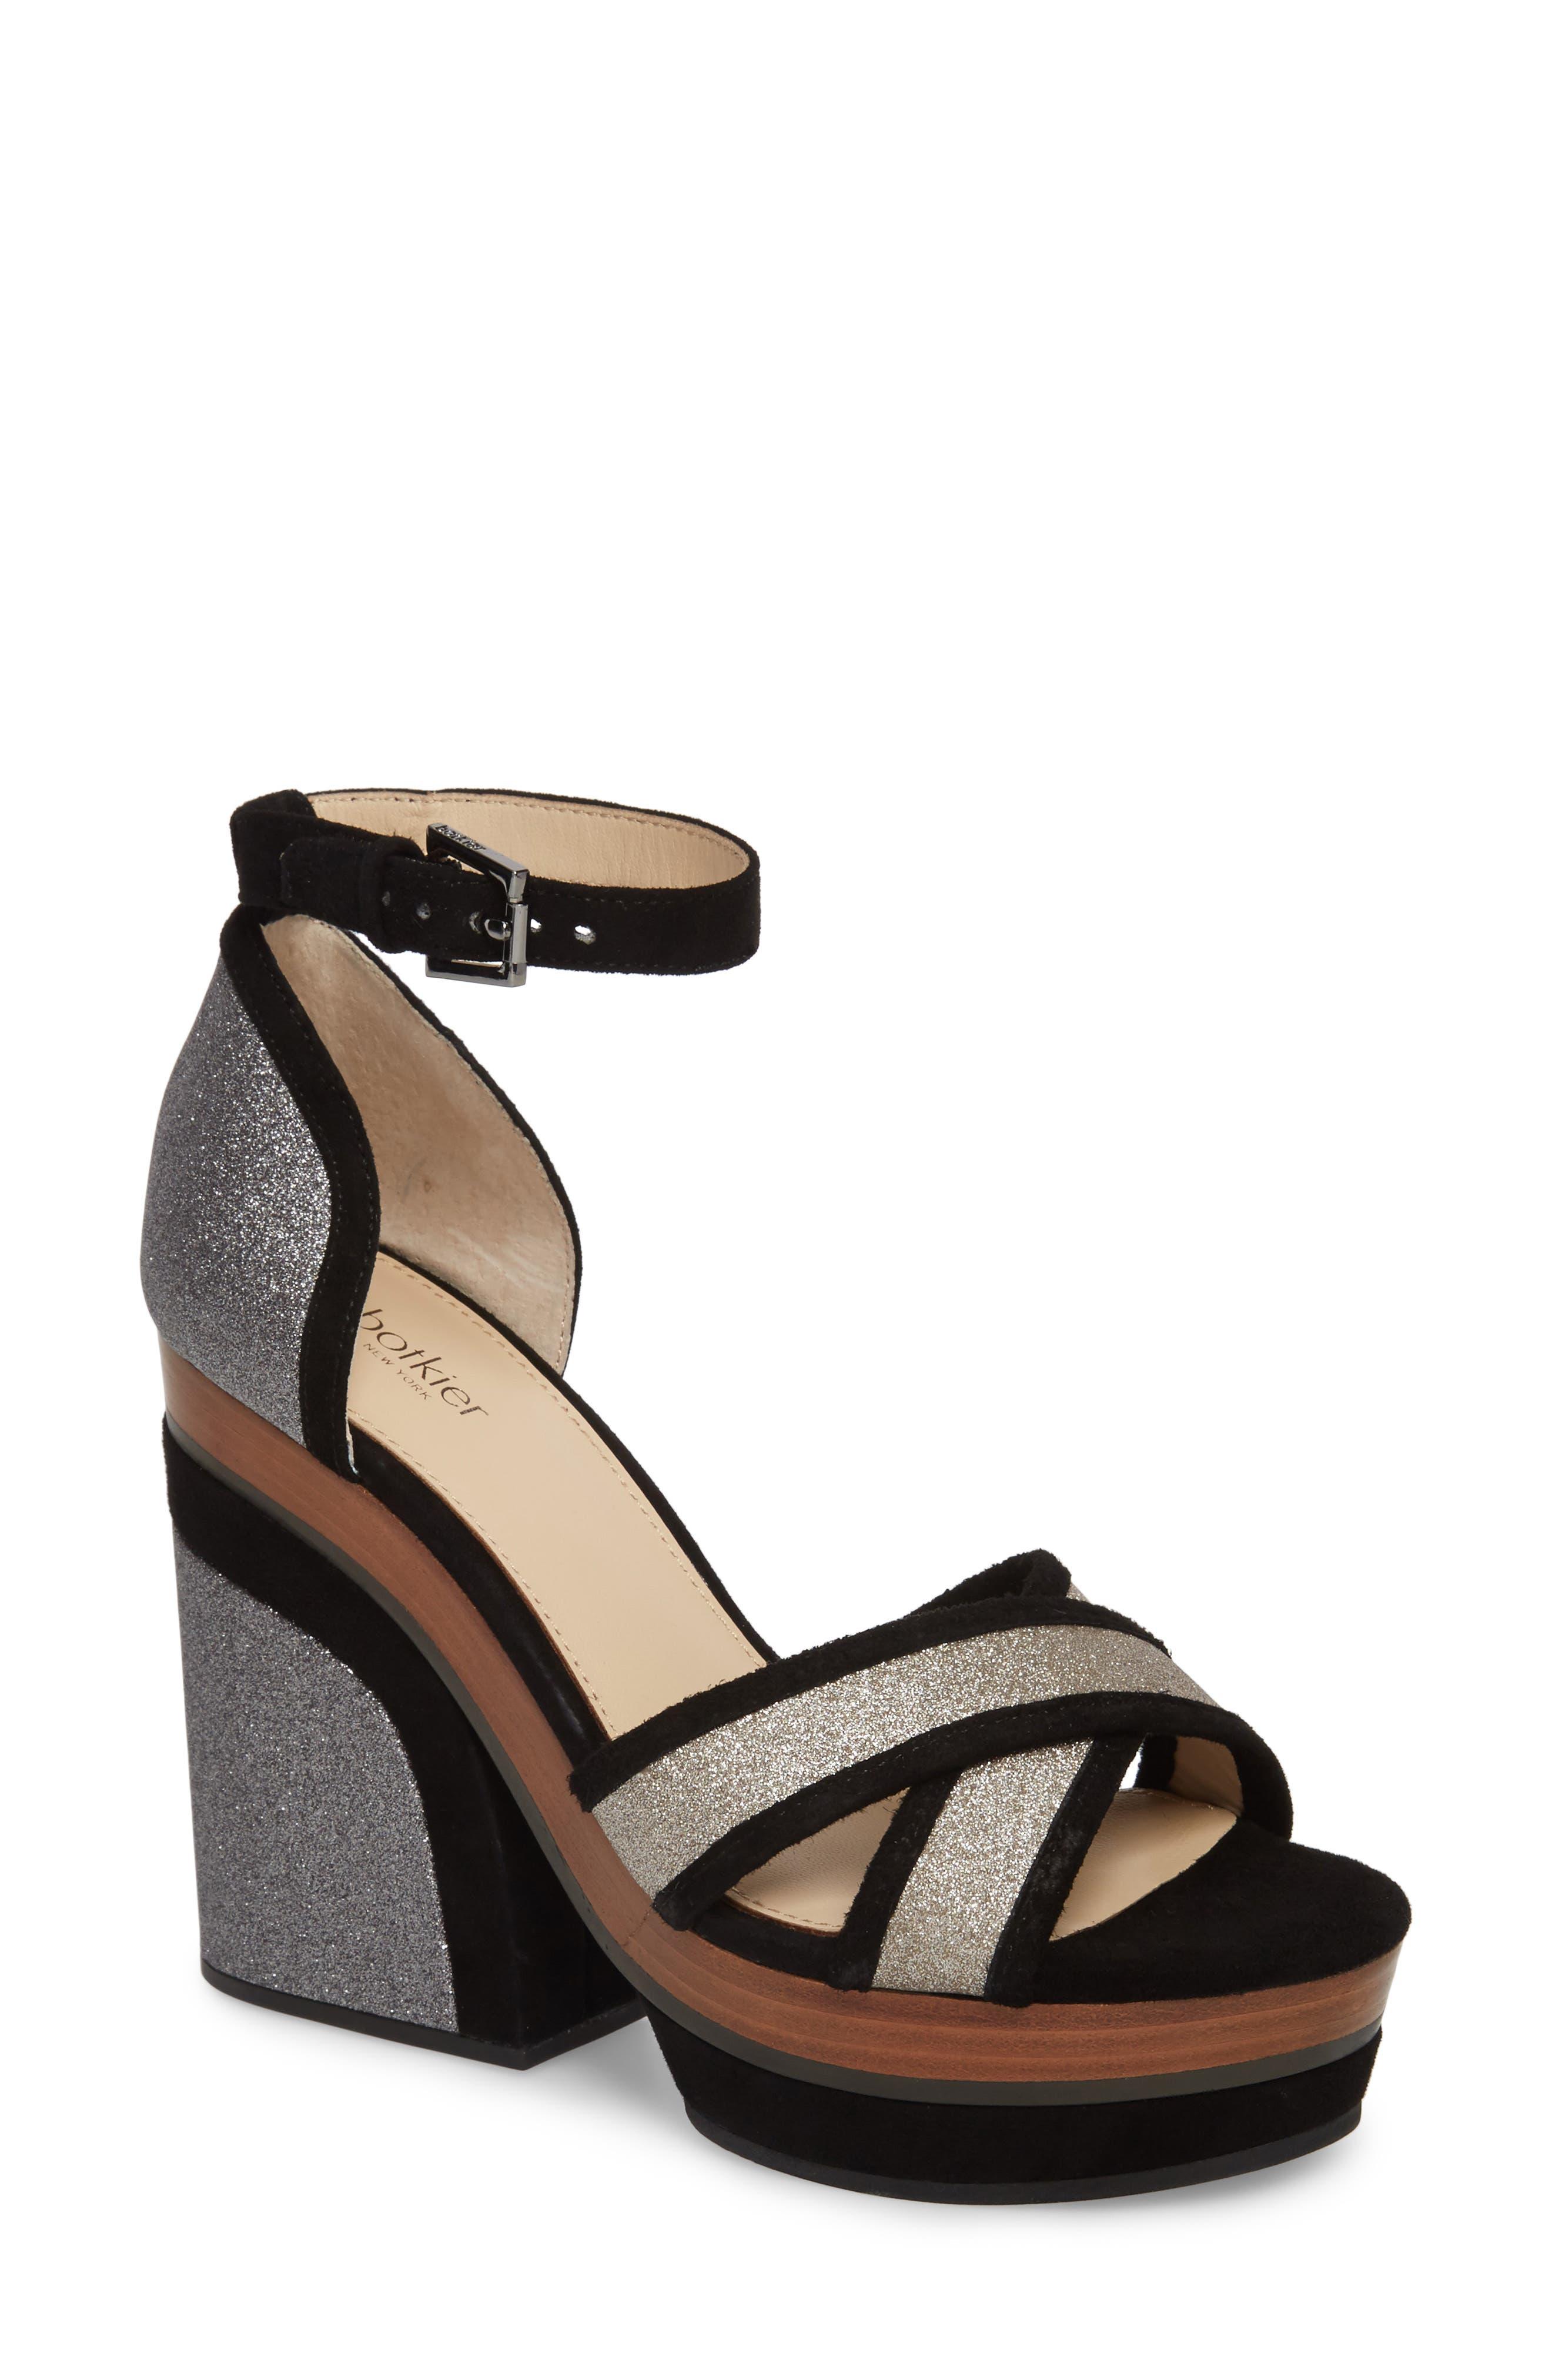 Paloma Ankle Strap Sandal,                             Main thumbnail 1, color,                             GUNMETAL GLITTER